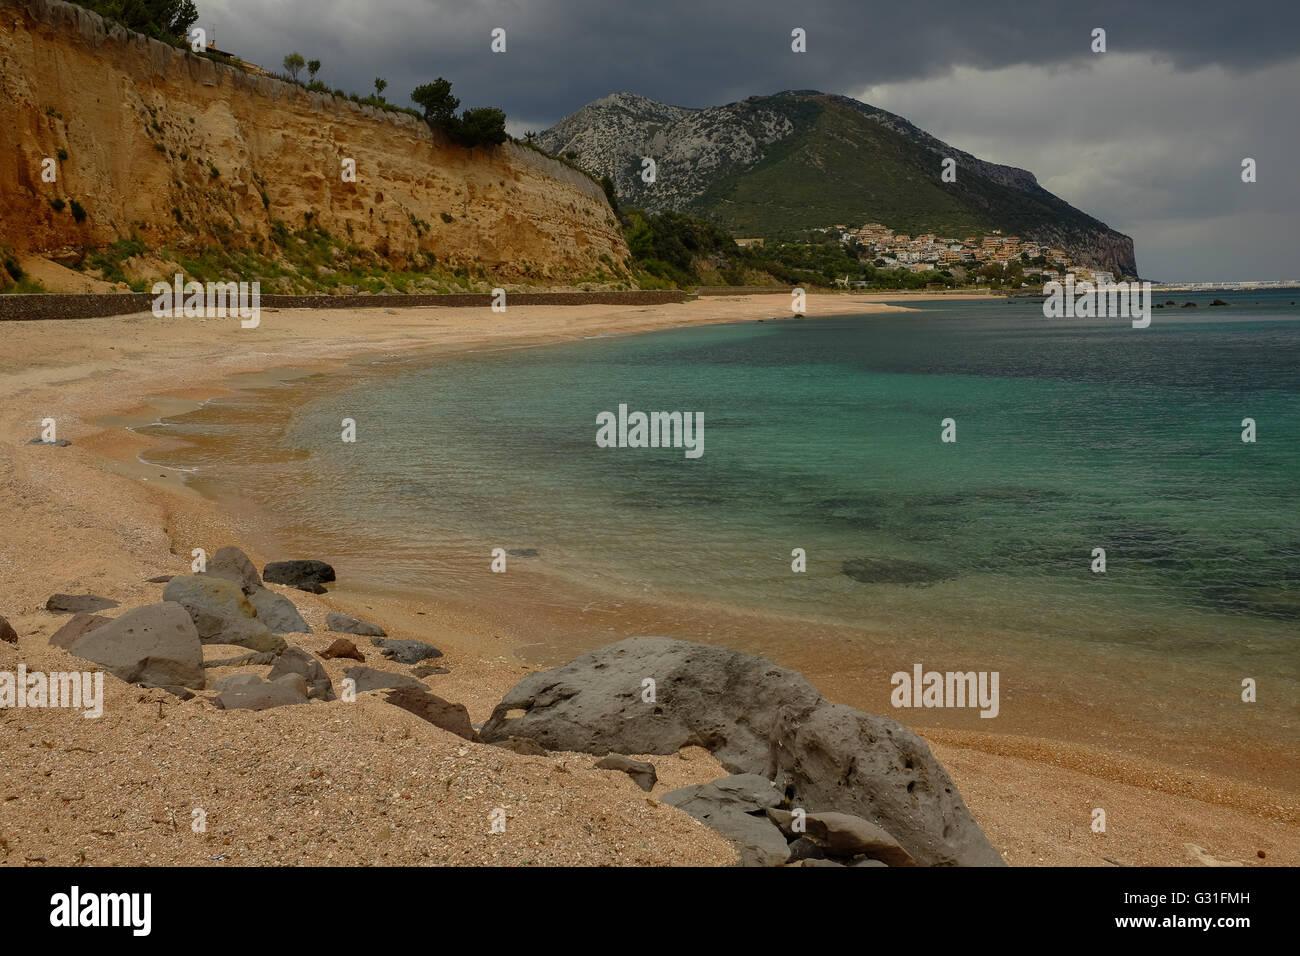 Beach, Northern Sardinia - Stock Image